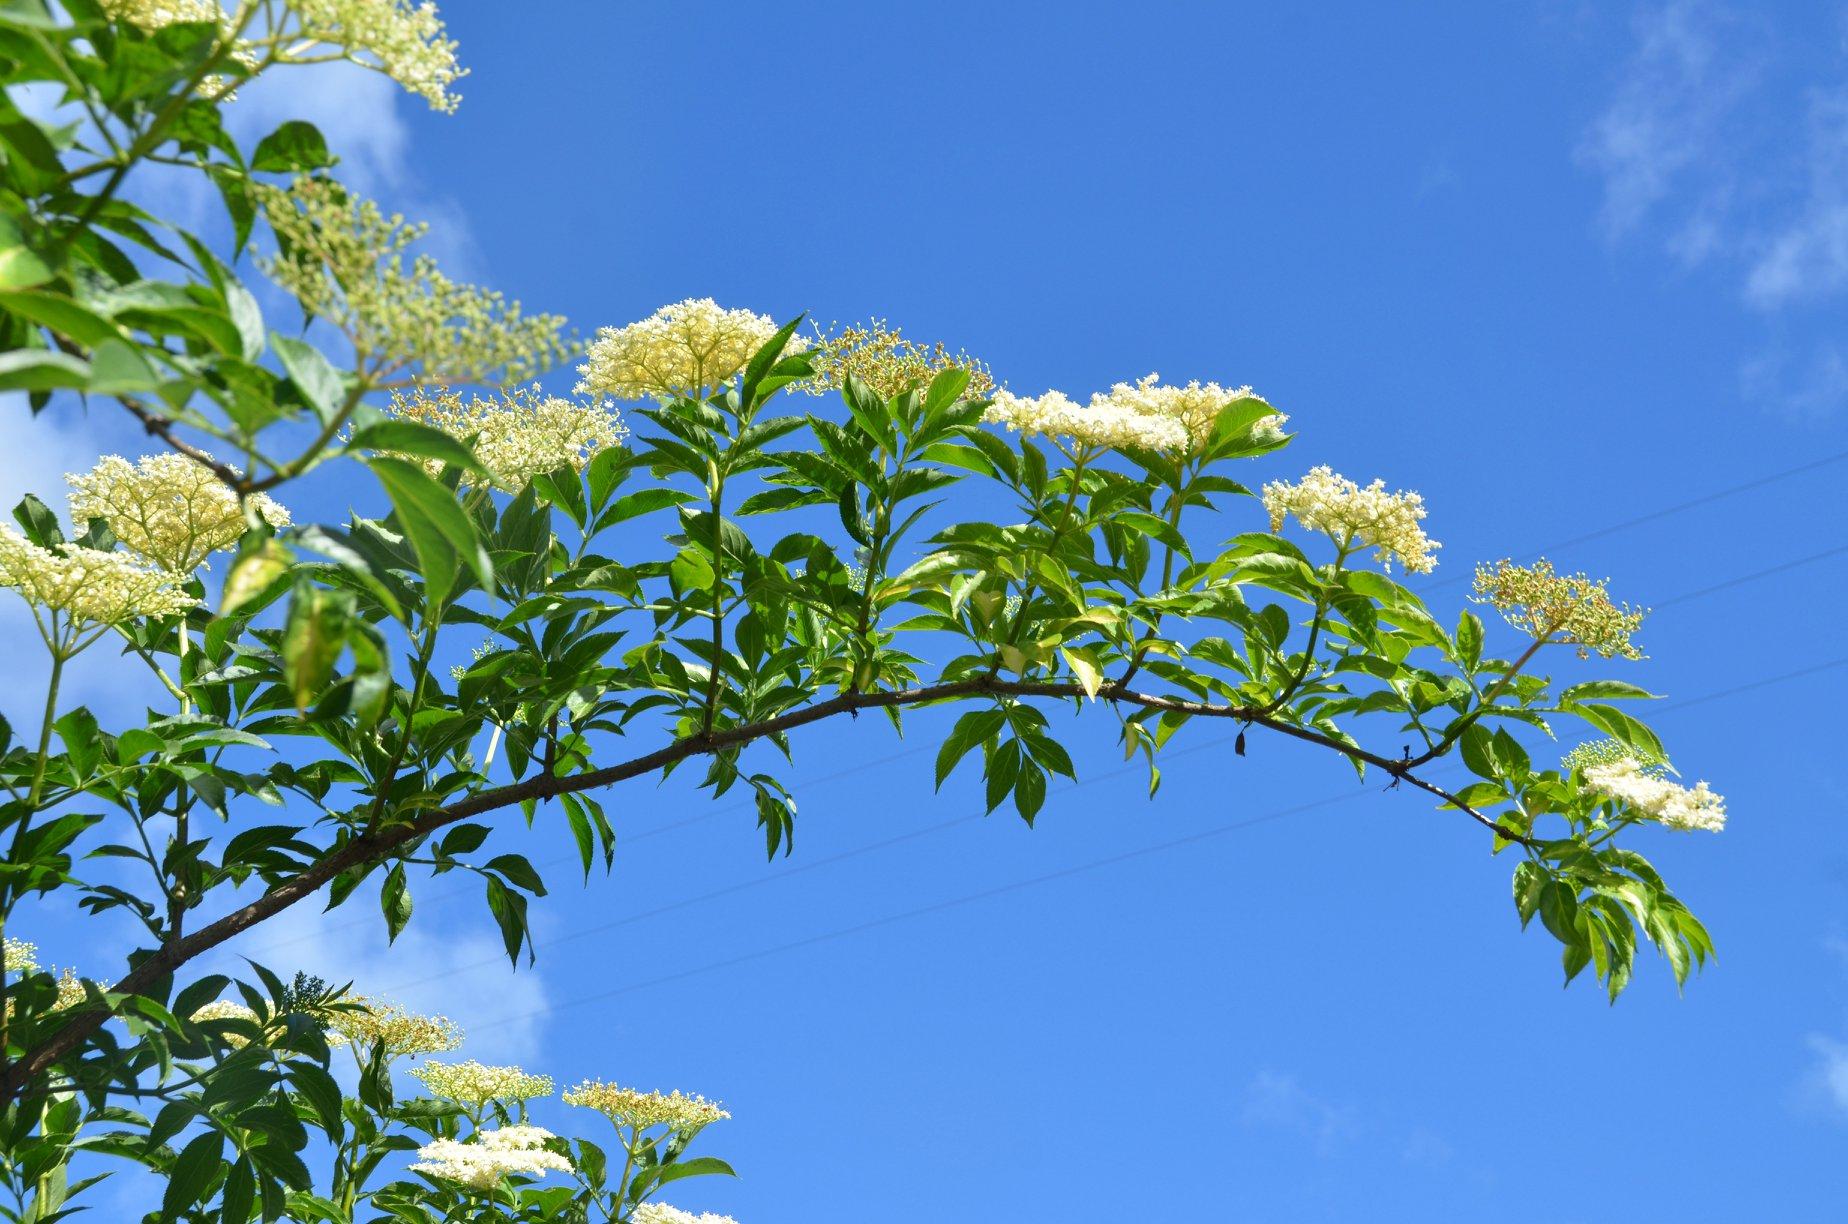 Elderberry at peak bloom.